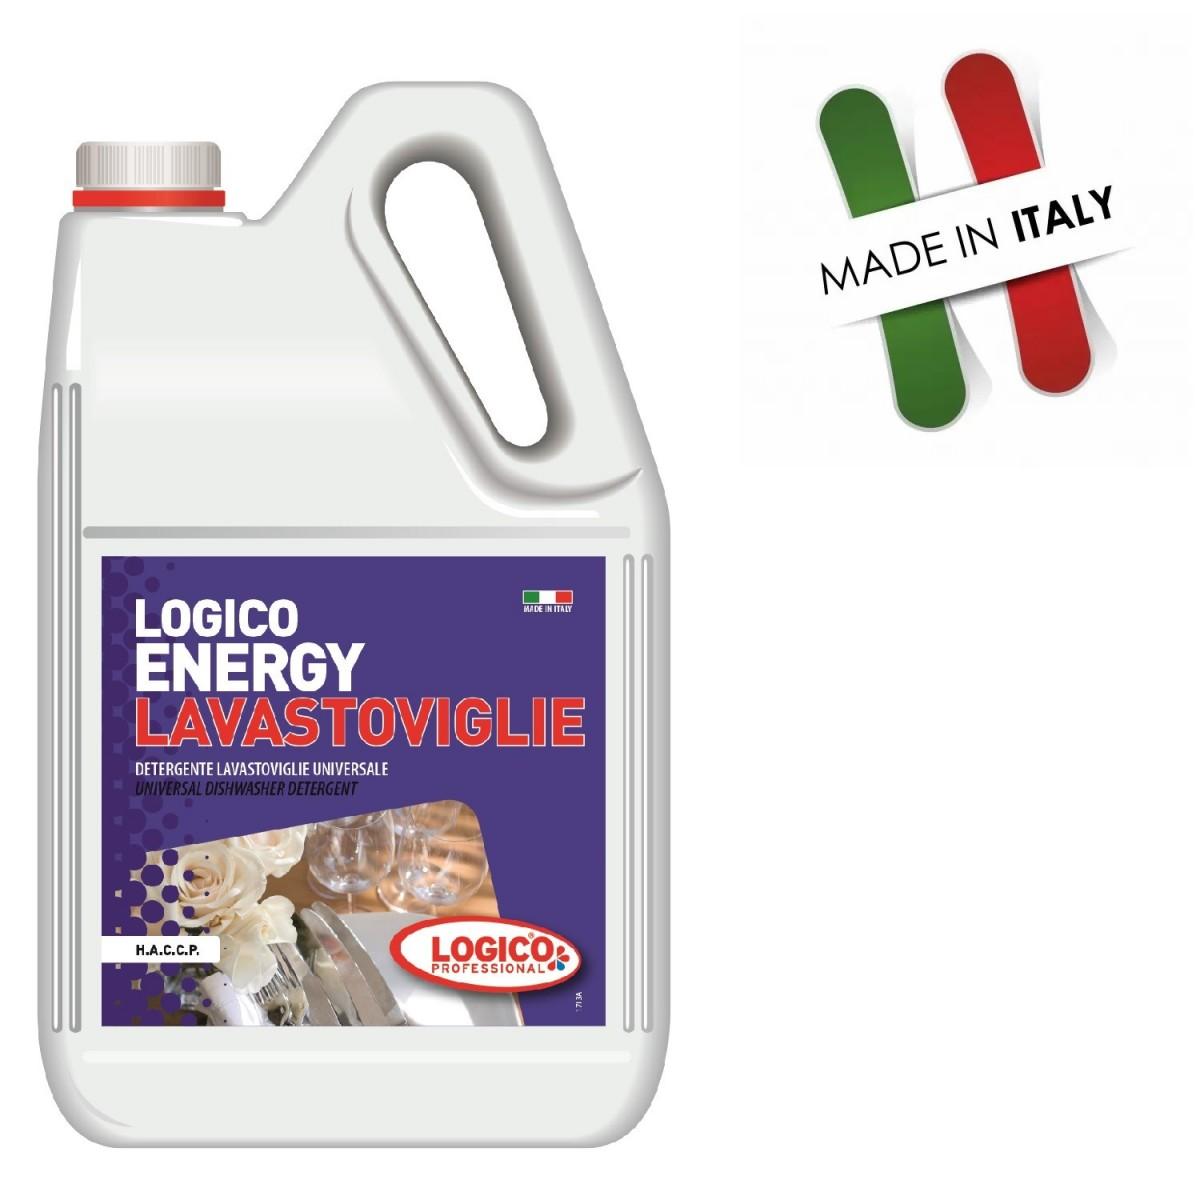 Detergente lavastoviglie universale. 6 kg.